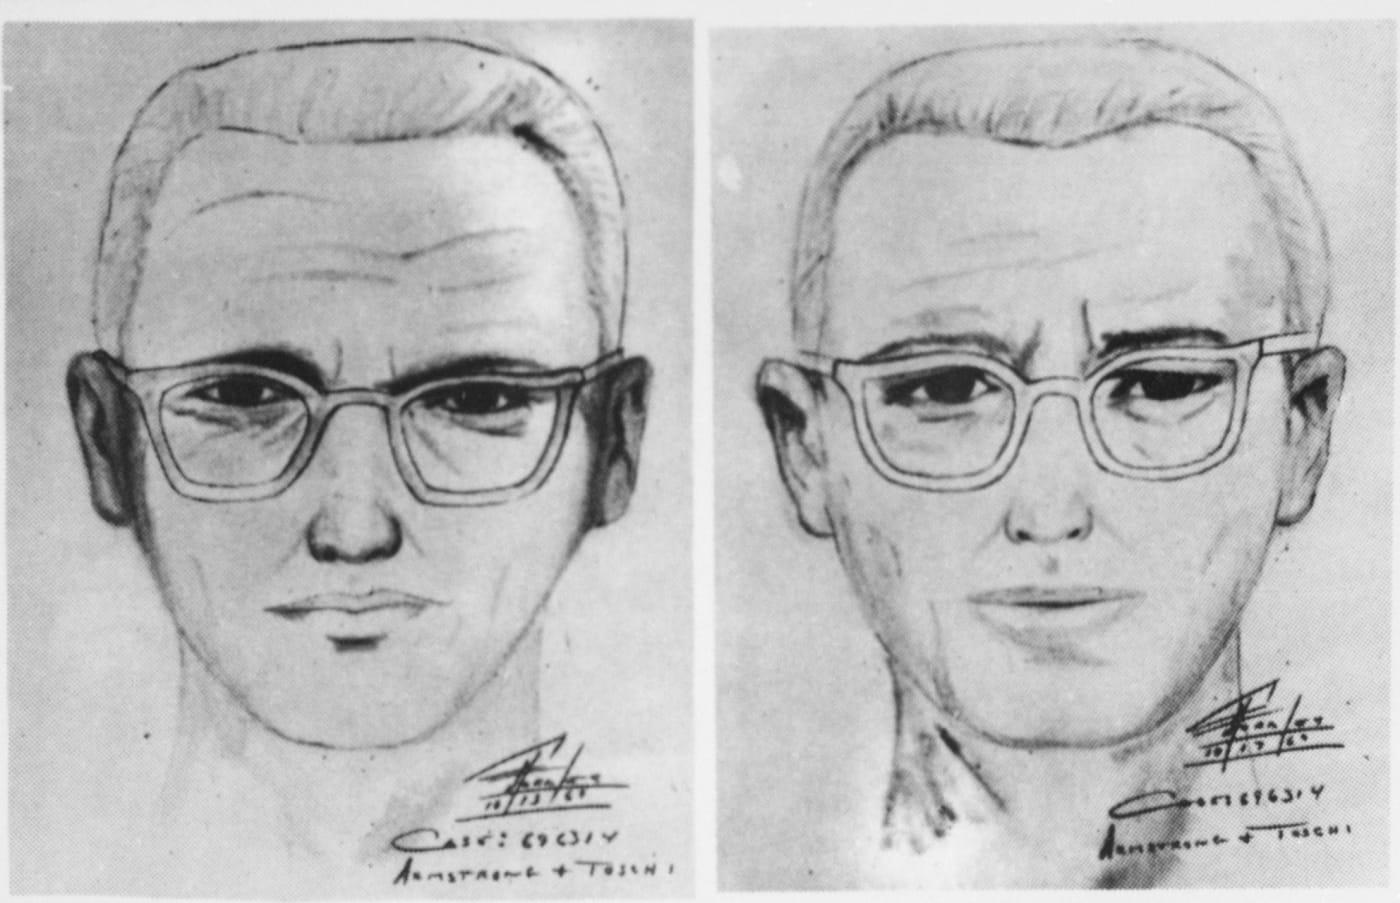 zodiac killer allegedly found